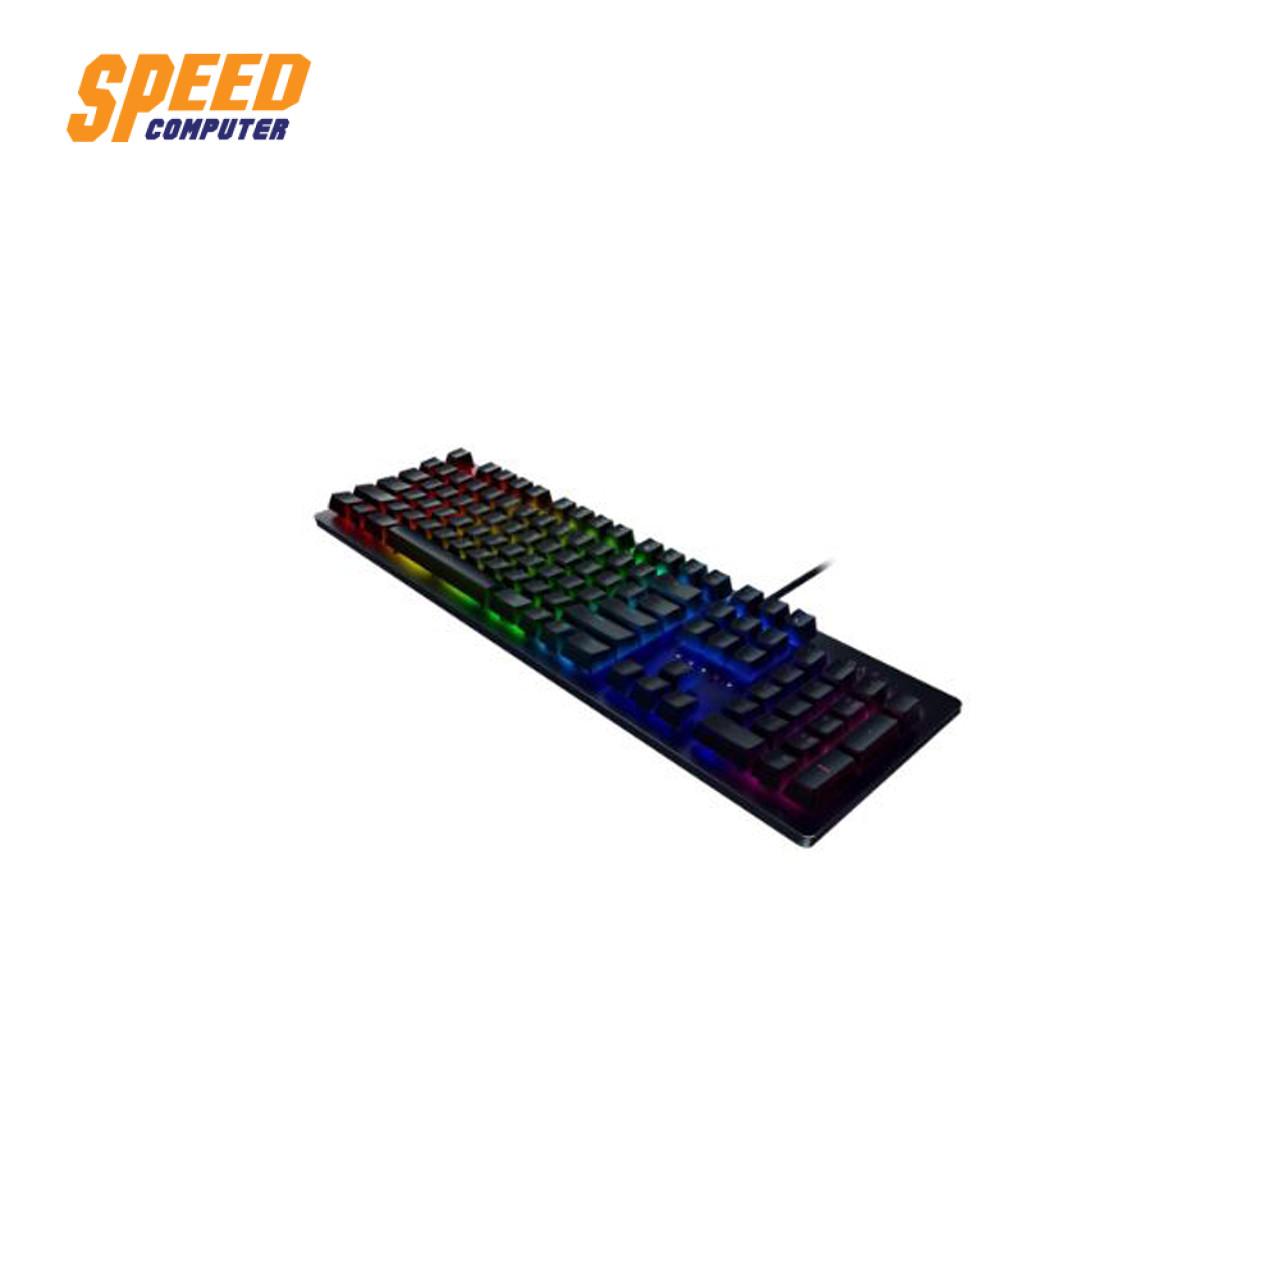 RZ03-02521000-R3V1